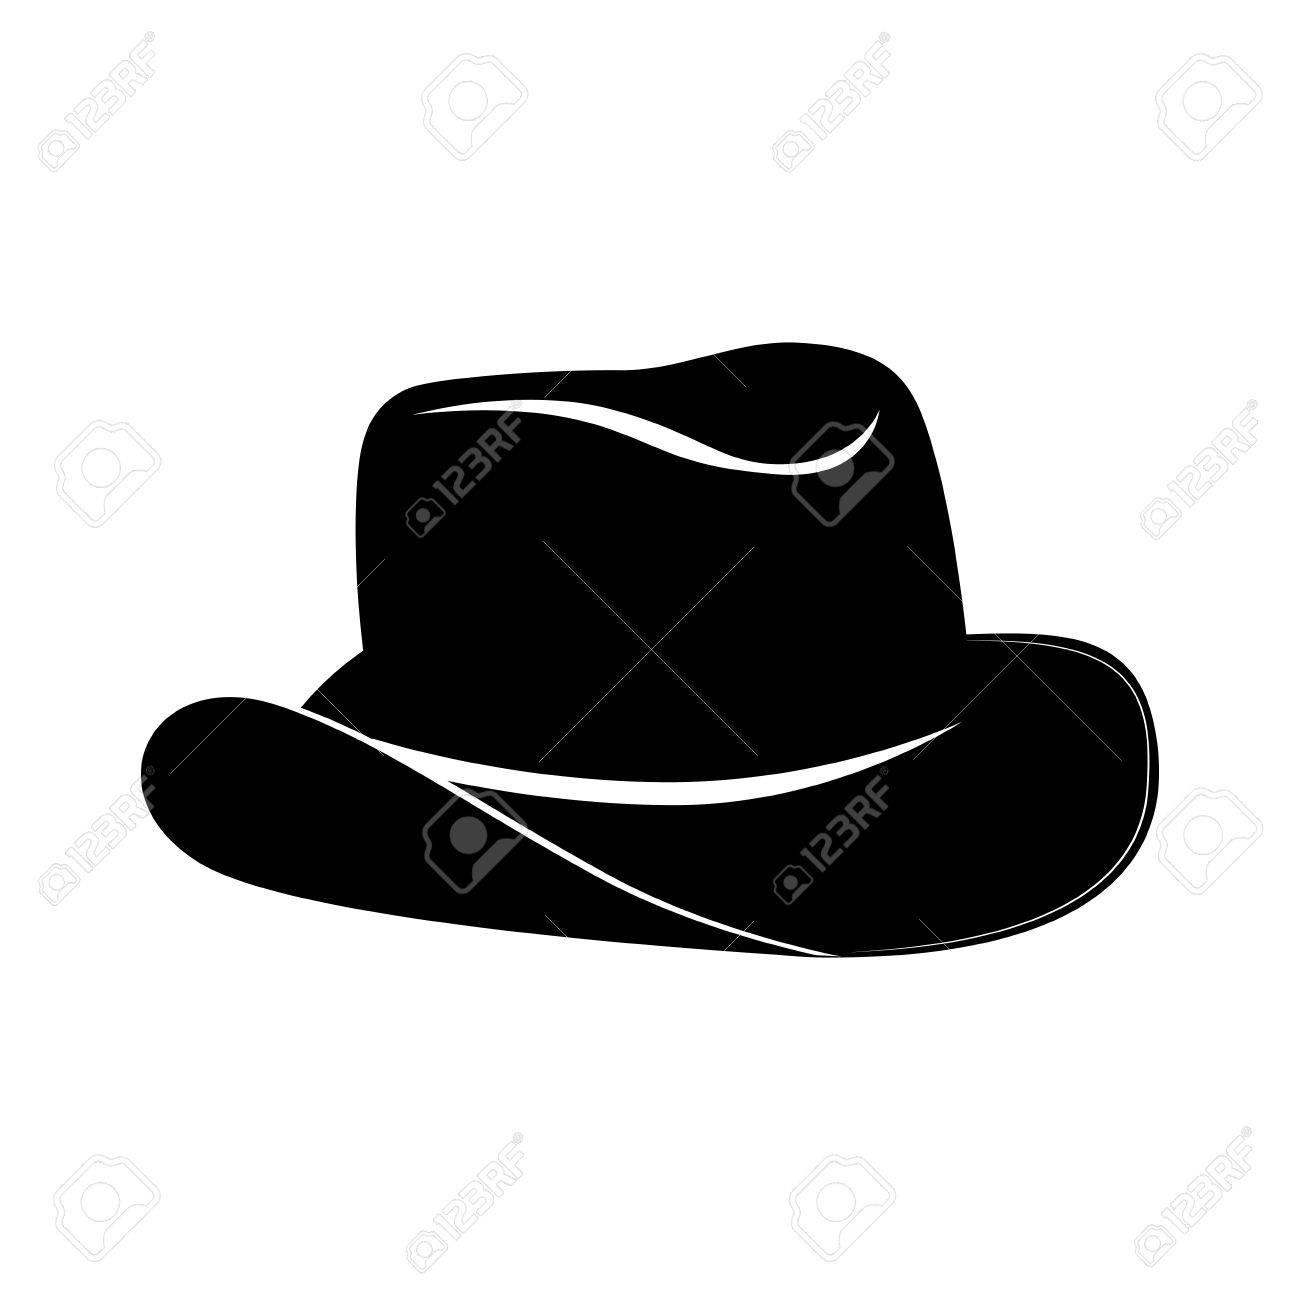 9e5e070414f3d Aislado ranchero sombrero de vaquero del oeste gráfico sheriff clásico rodeo  vector y la ilustración plana